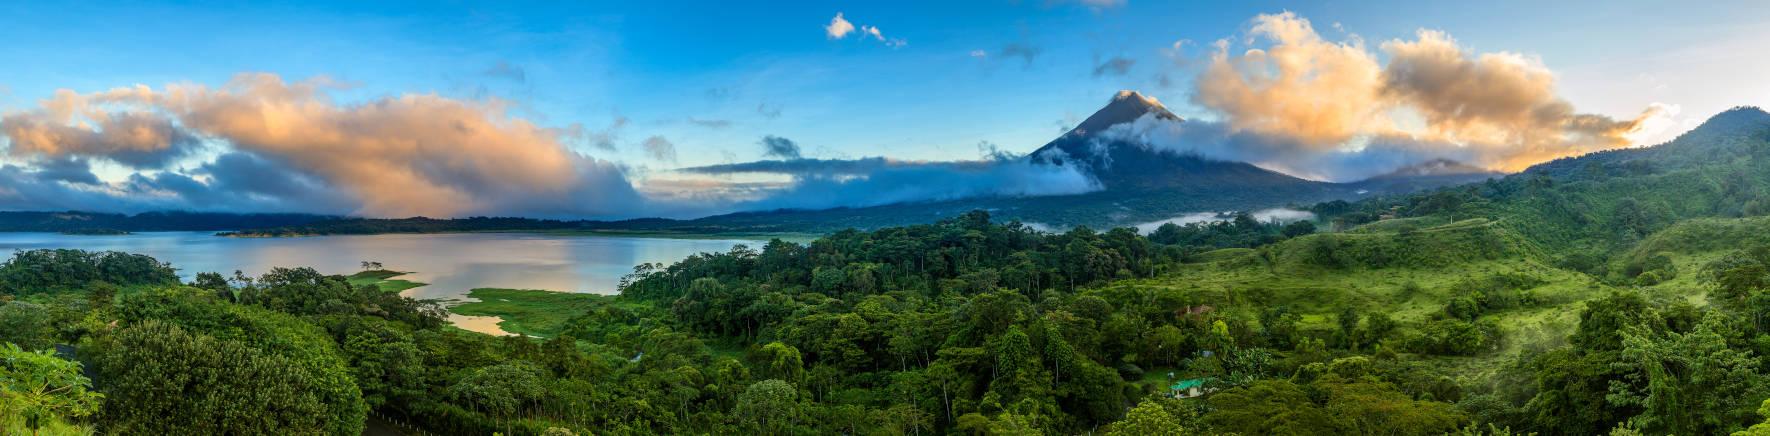 アレナル火山国立公園